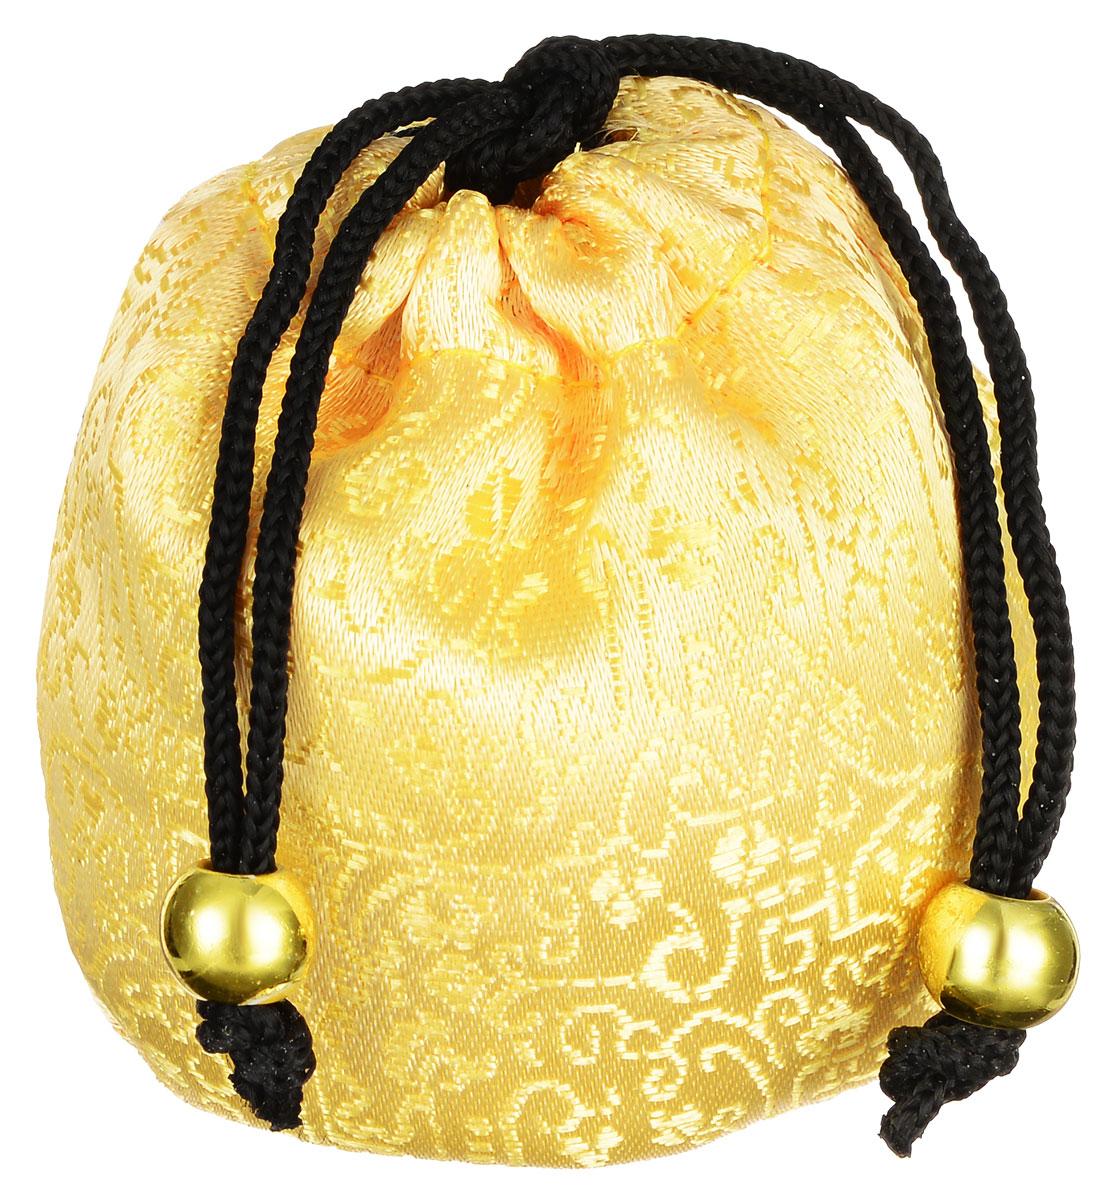 Masura Шелковый мешочек Ацуи для горячего и холодного массажа, цвет: светло-желтый804-2Шелковый мешочек Masura Ацуи применяется для холодного и горячего массажа рук и ароматерапии при проведении процедуры Японский маникюр. Изделие, оформленное оригинальной вышивкой, затягивается на кулиску с декоративными бусинами. Наполнен мешочек морской солью, сухоцветами и аромамаслами. Материал мешочка: текстиль, пластик. Размер наполненного мешочка: 6,5 см х 6,5 см х 5 см. Товар сертифицирован.